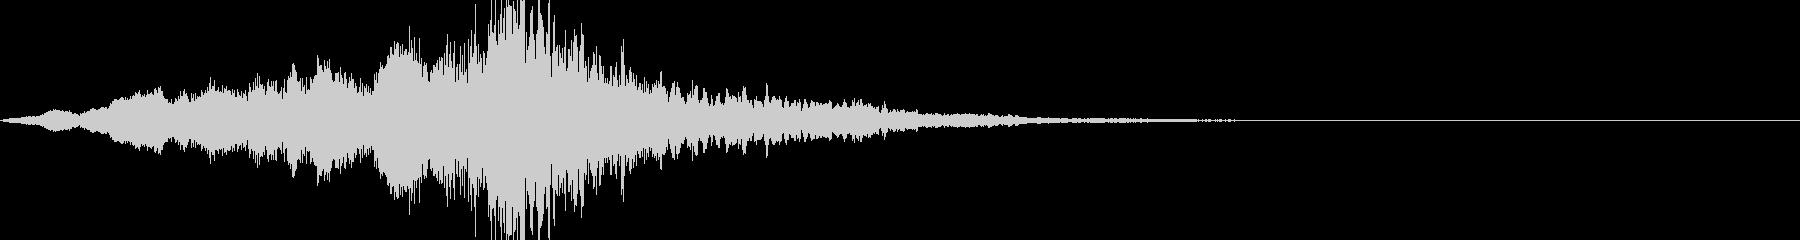 映画・映像用サウンドロゴ003(神秘)の未再生の波形